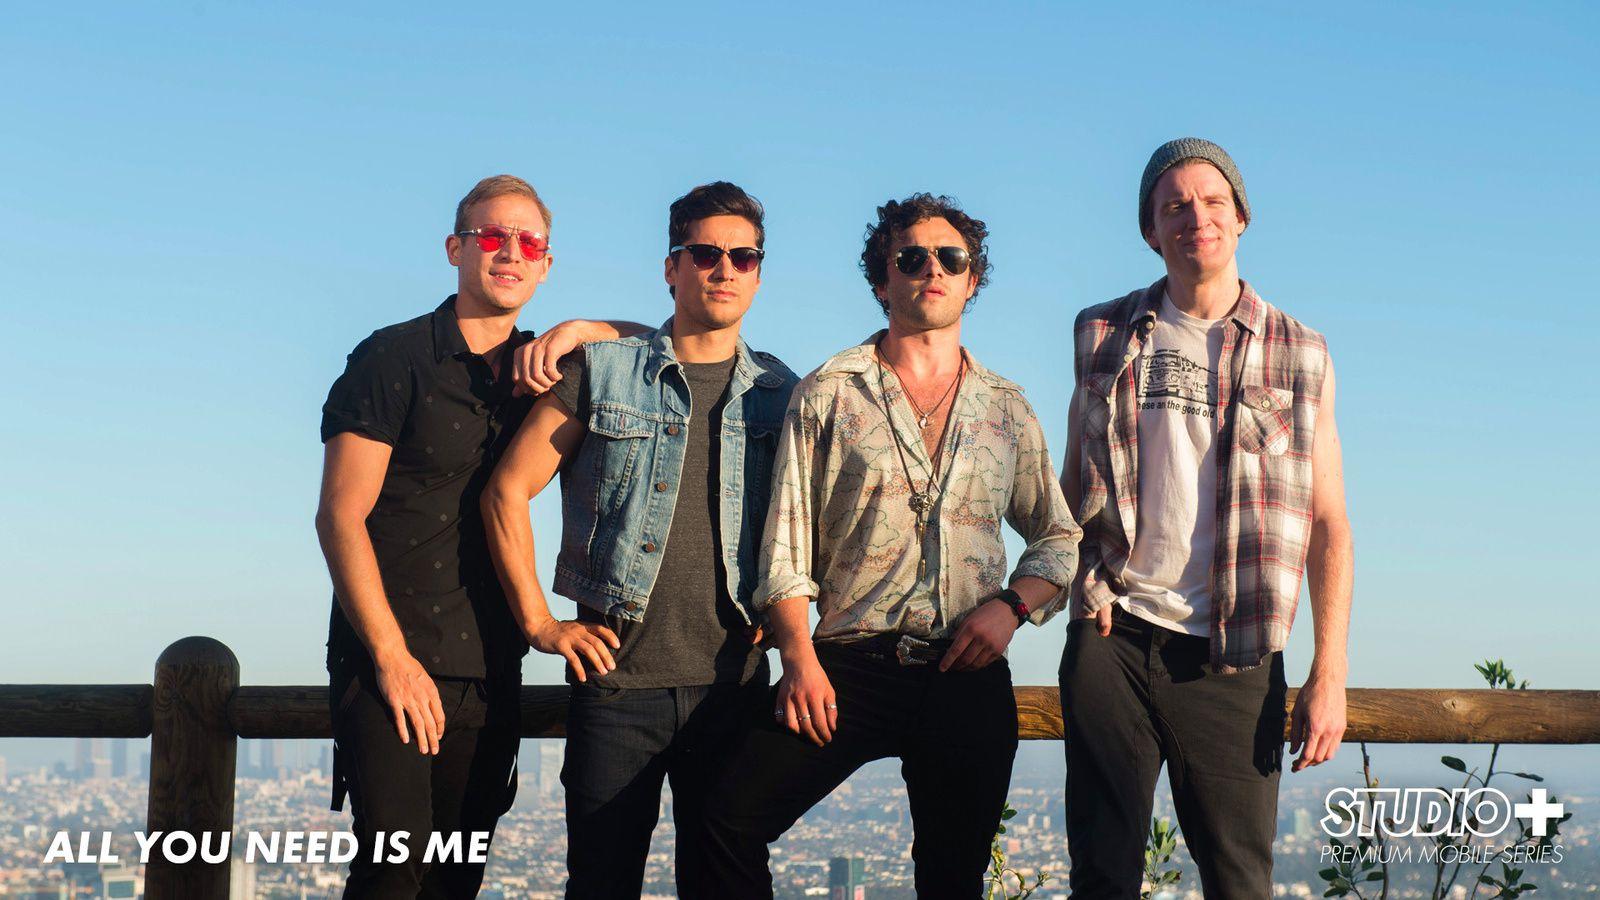 All You Need Is Me, série musicale disponible dès vendredi sur Studio+.